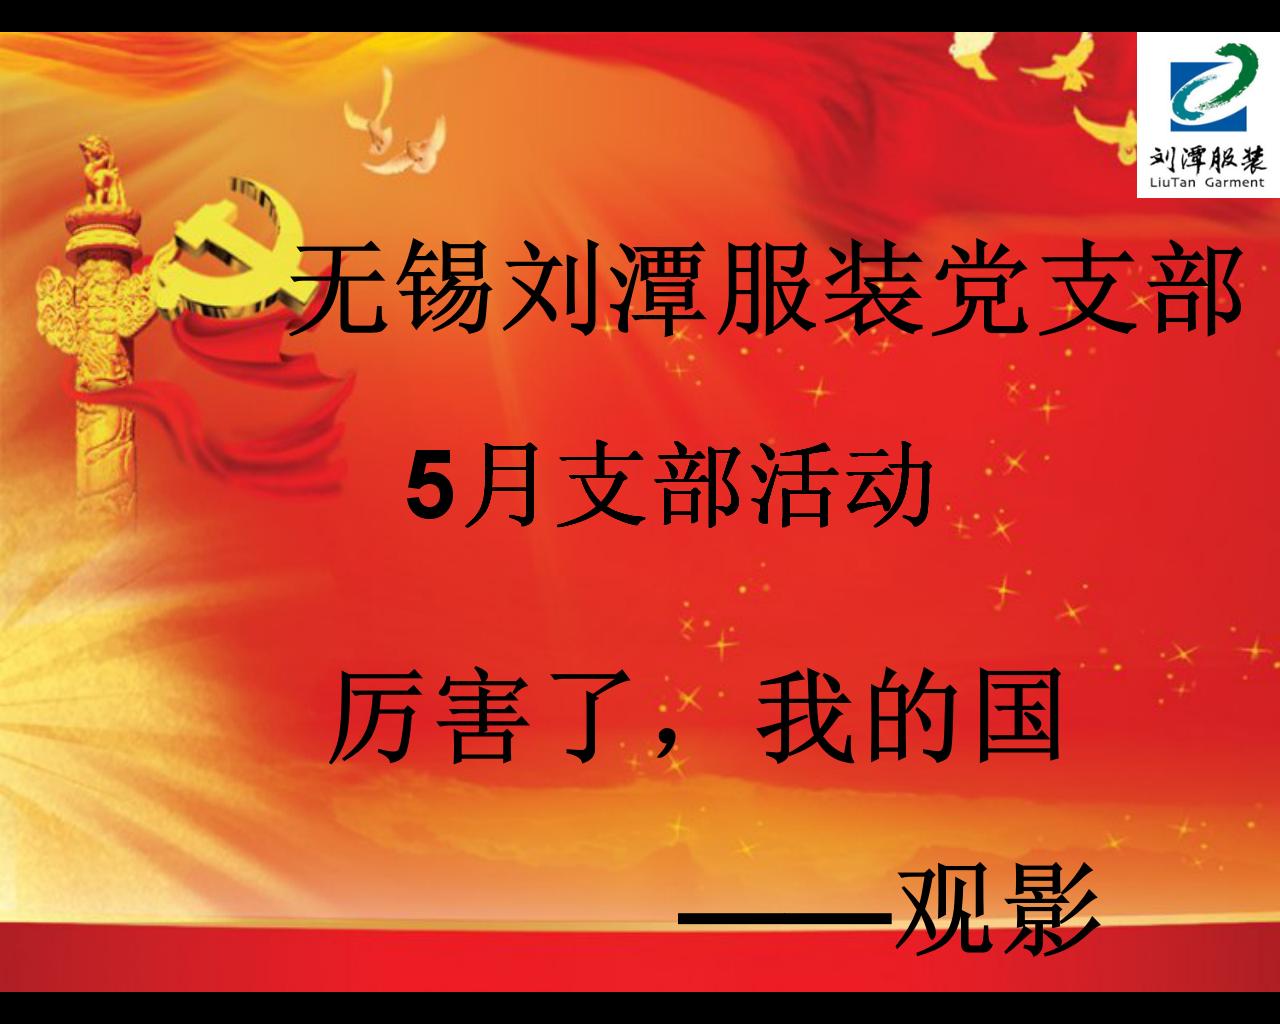 刘潭服装加工制衣厂五月活动——观影《厉害了,我的国》